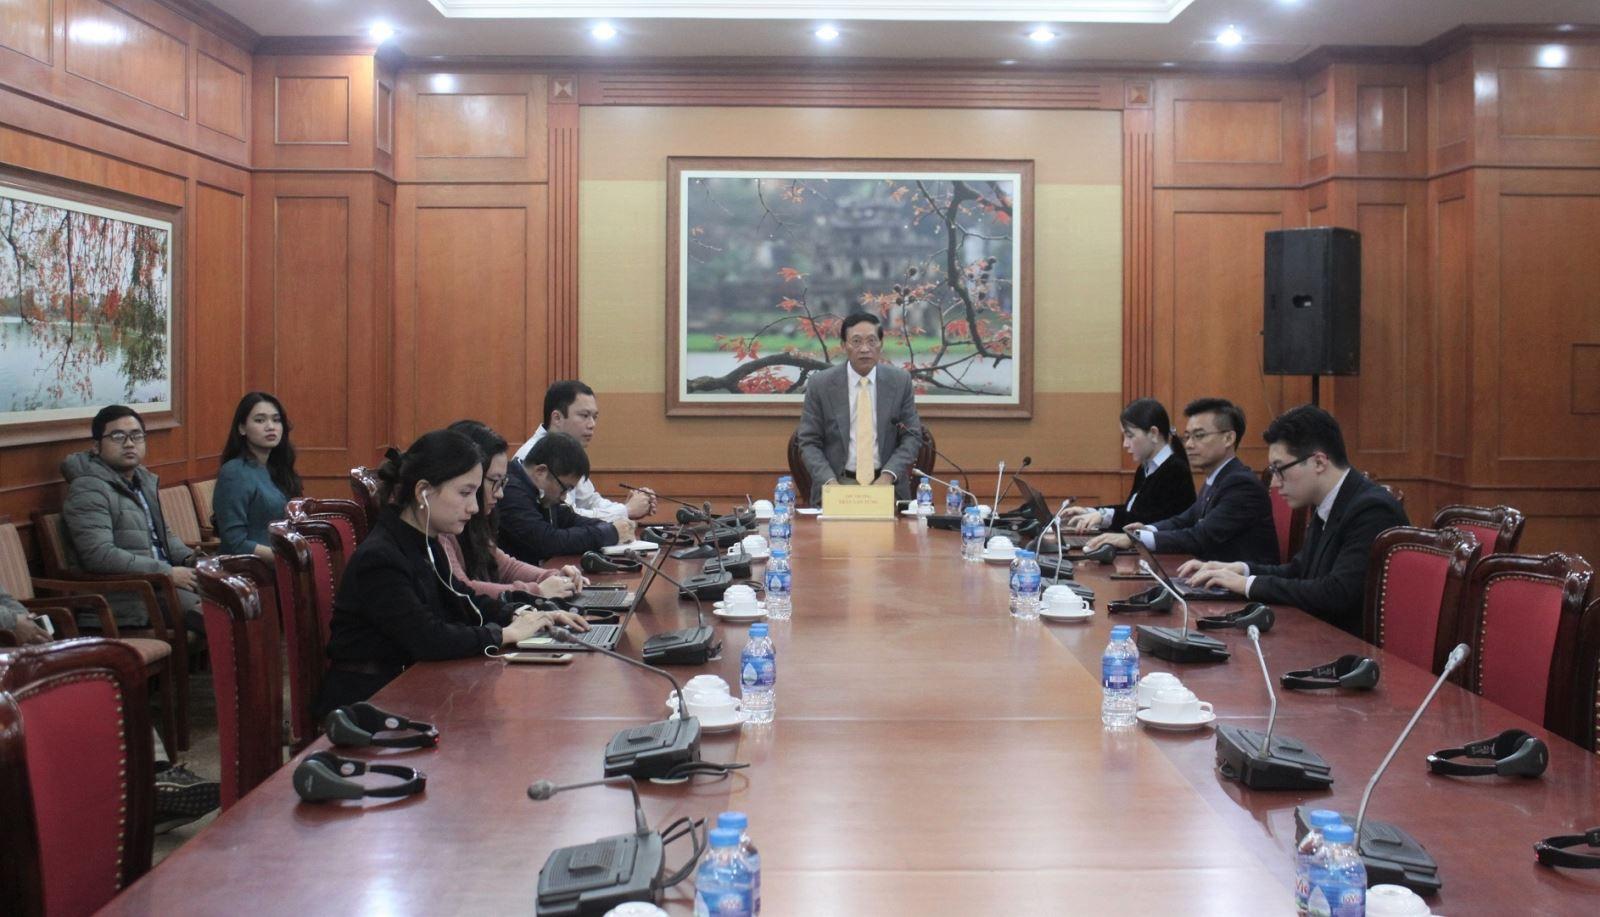 Đổi mới sáng tạo toàn diện để thúc đẩy tăng trưởng và phát triển kinh tế Việt Nam